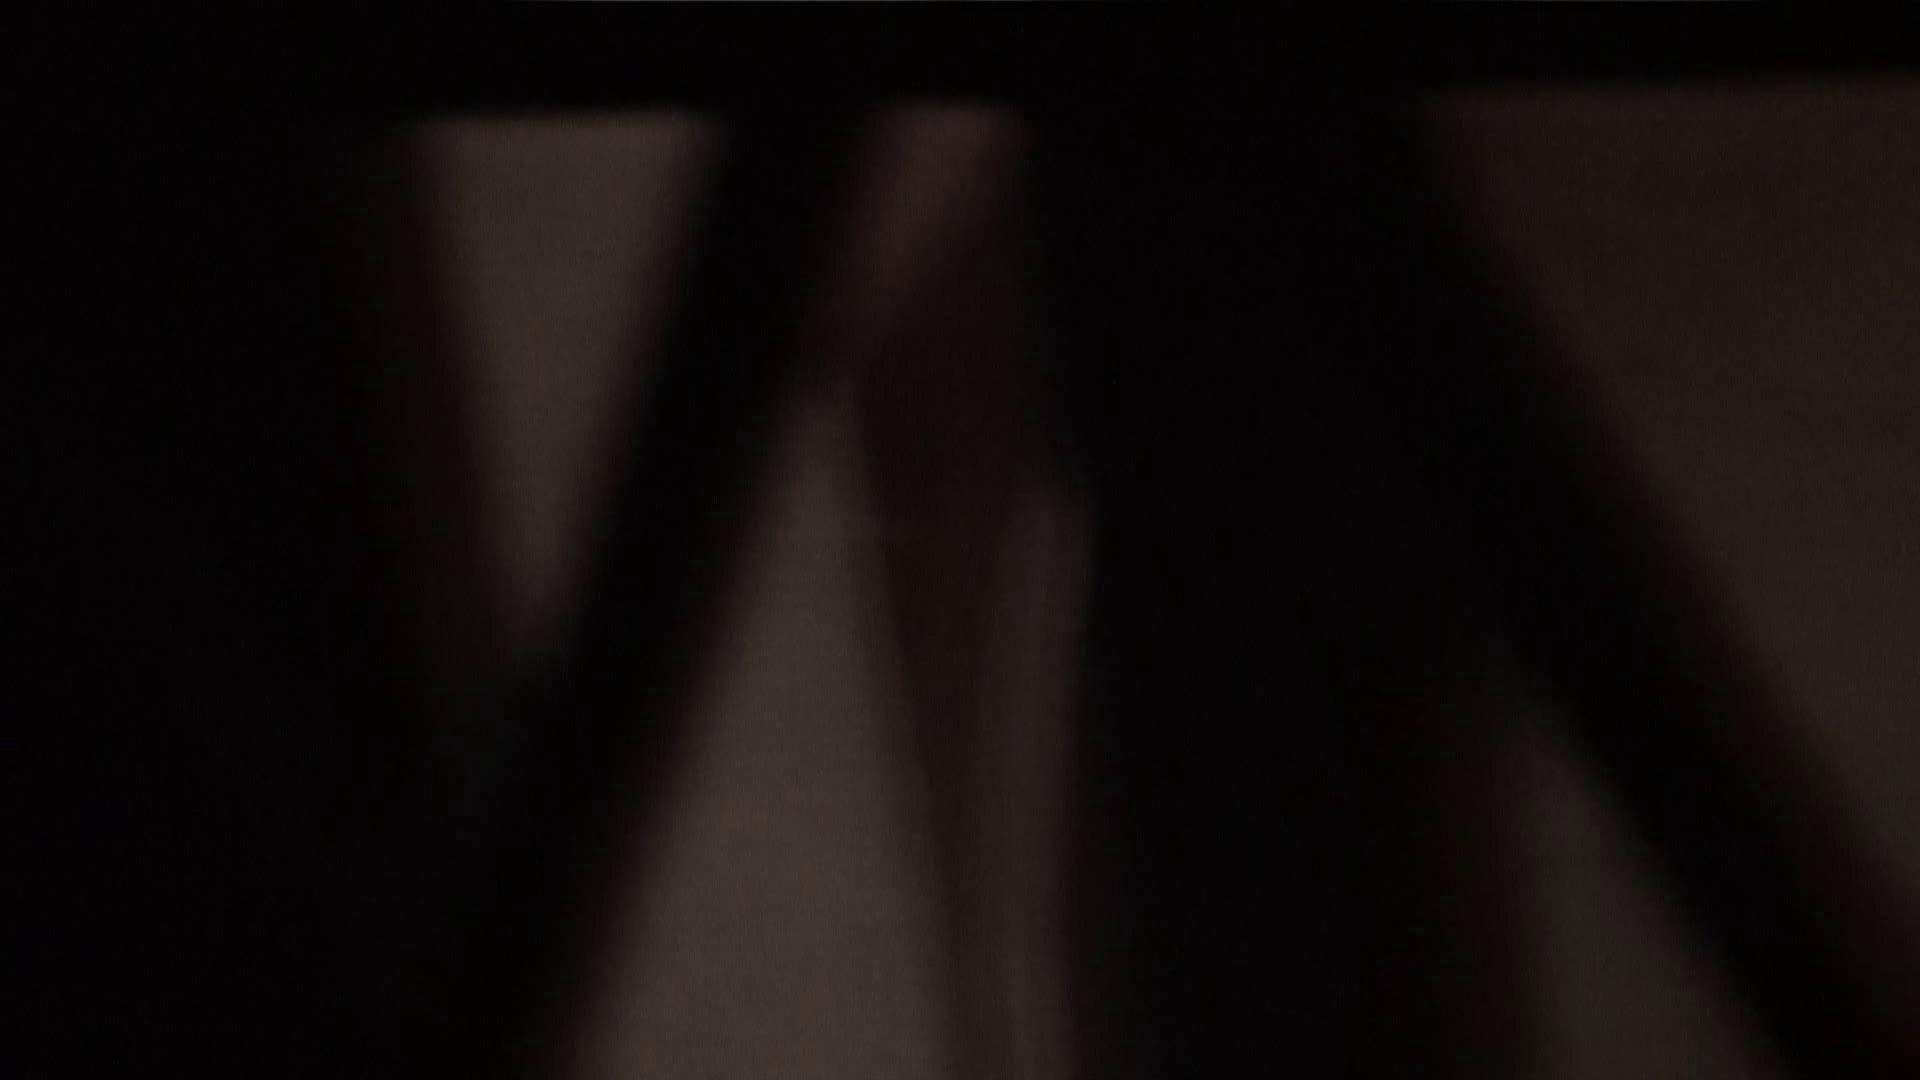 民家の騎士さんの最後の性戦ハイビジョン!!No.50 民家 AV無料動画キャプチャ 83画像 74